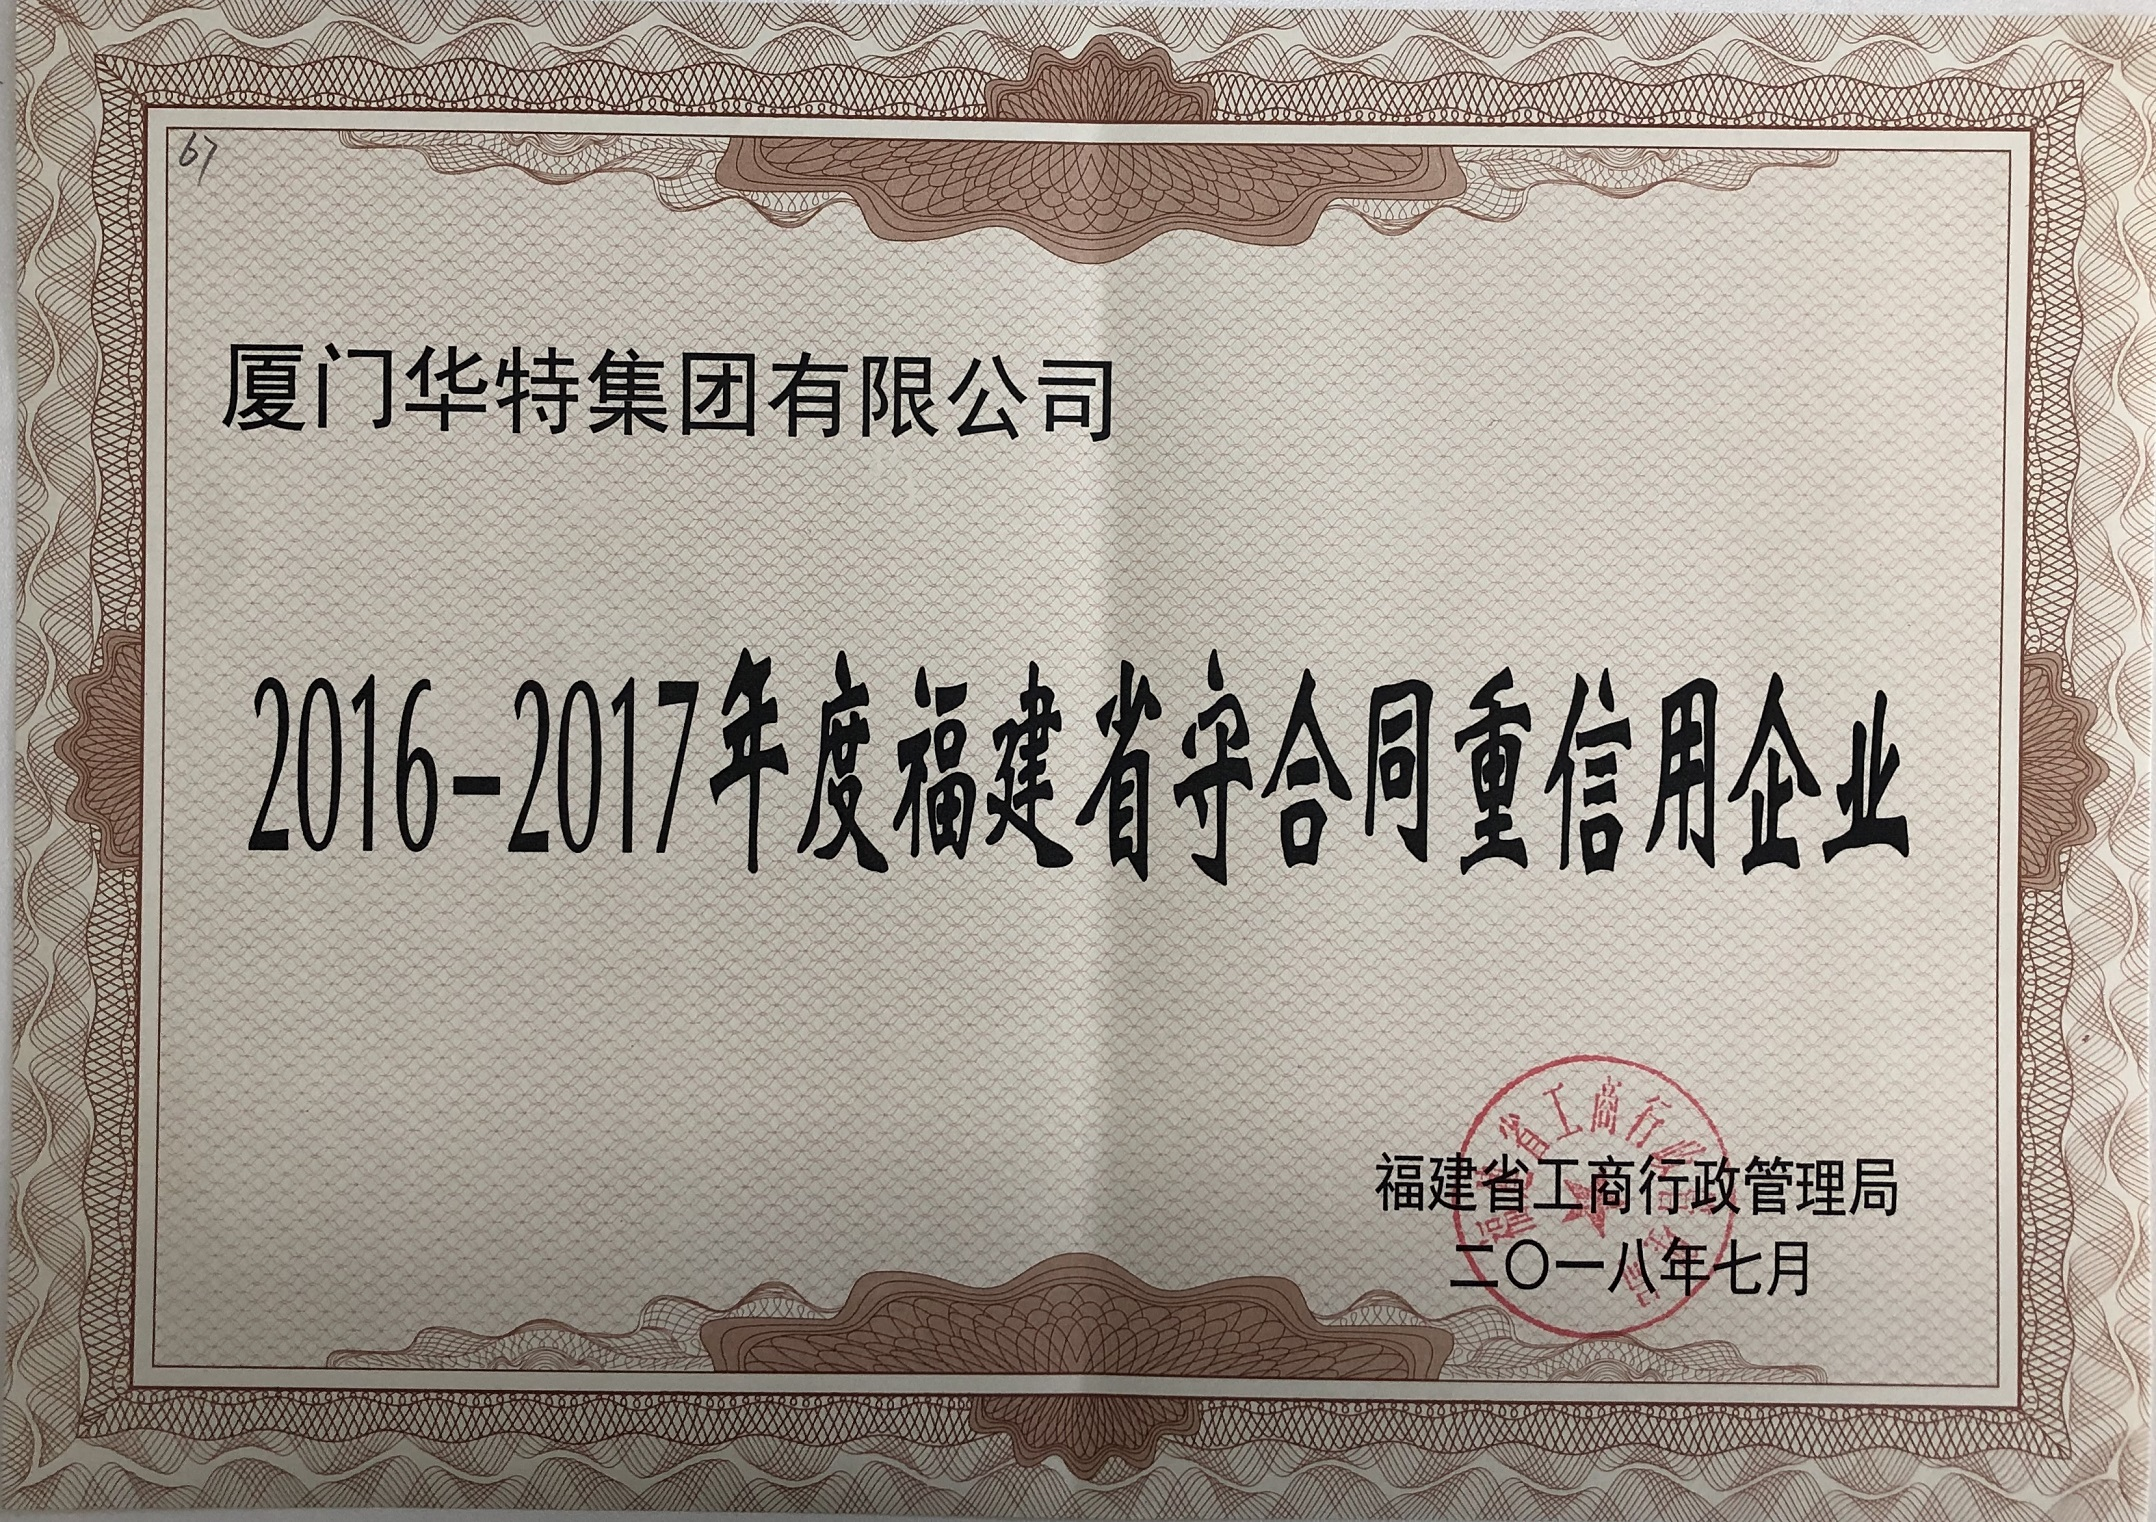 福彩3d开奖直播集团2016-2017年度守合同重信用企业证书——福建省.jpg